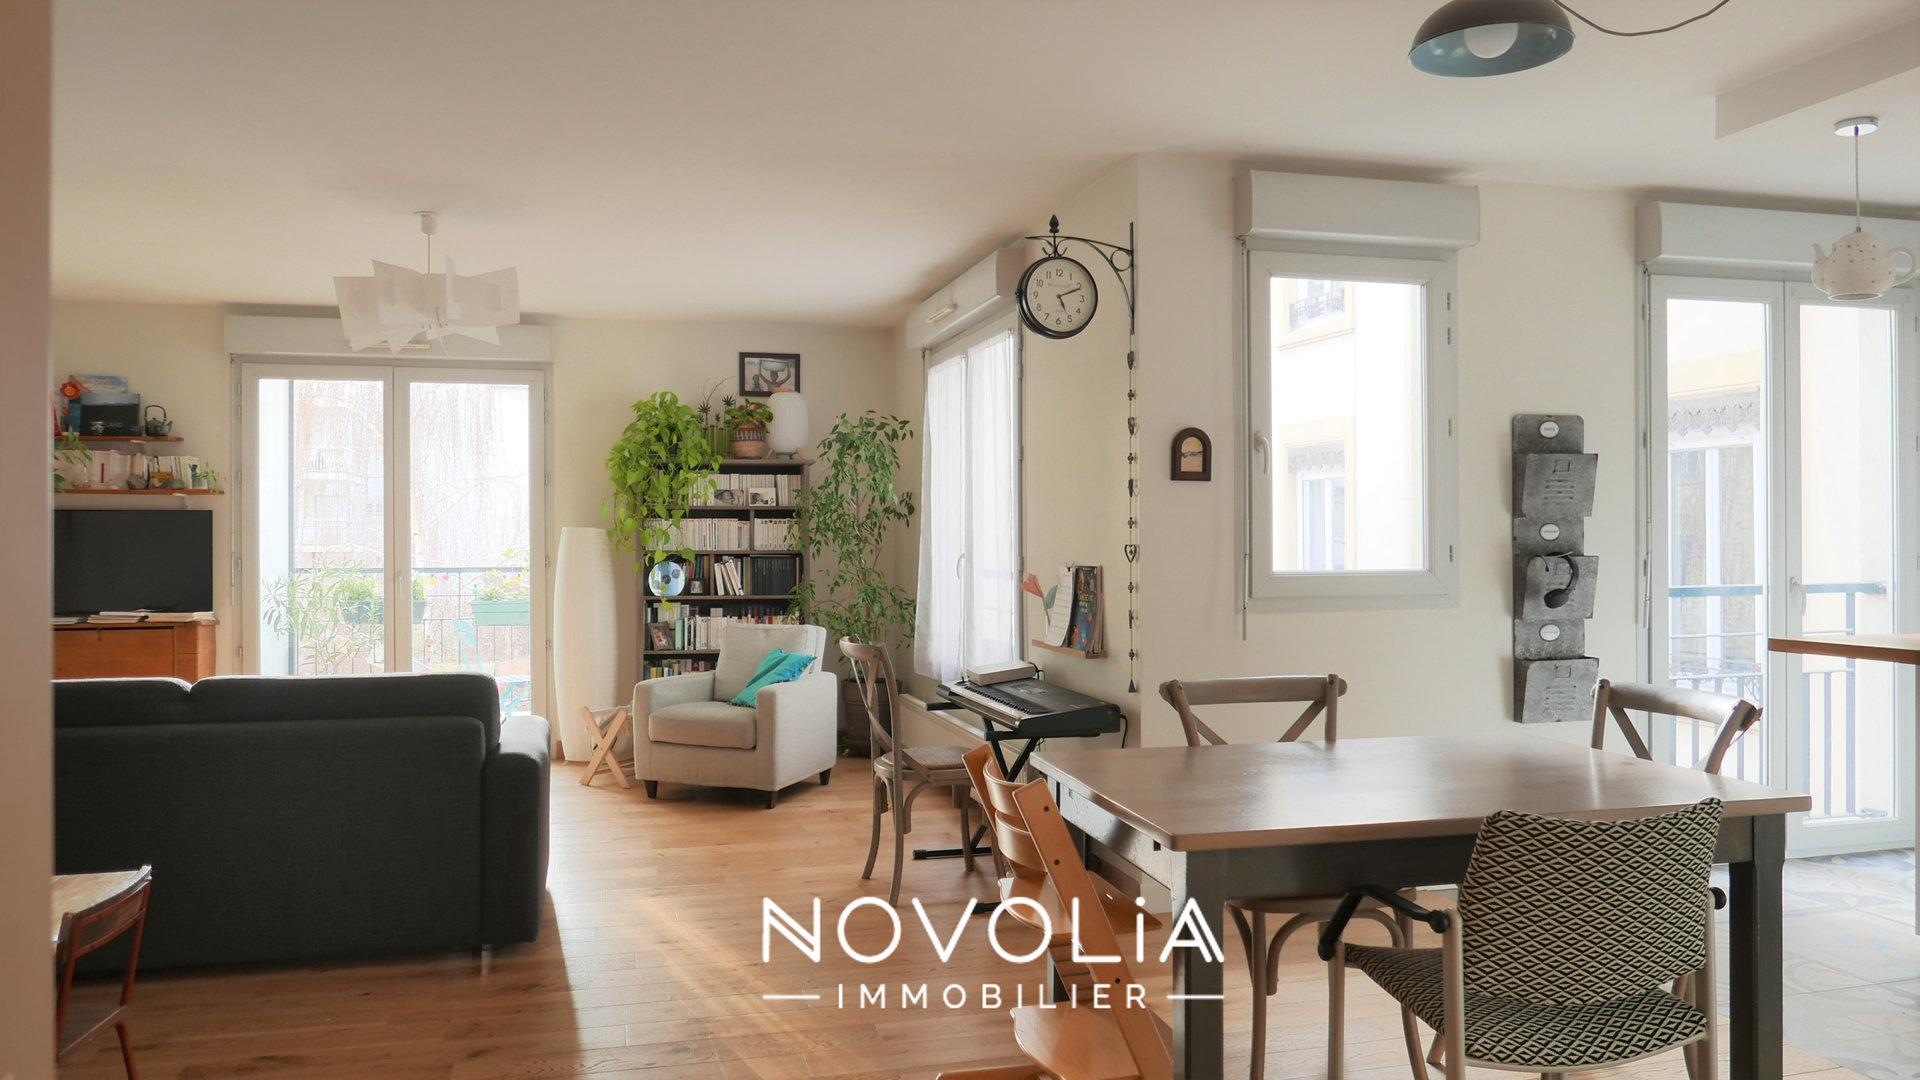 Achat Appartement Surface de 121 m², 5 pièces, Lyon 7ème (69007)